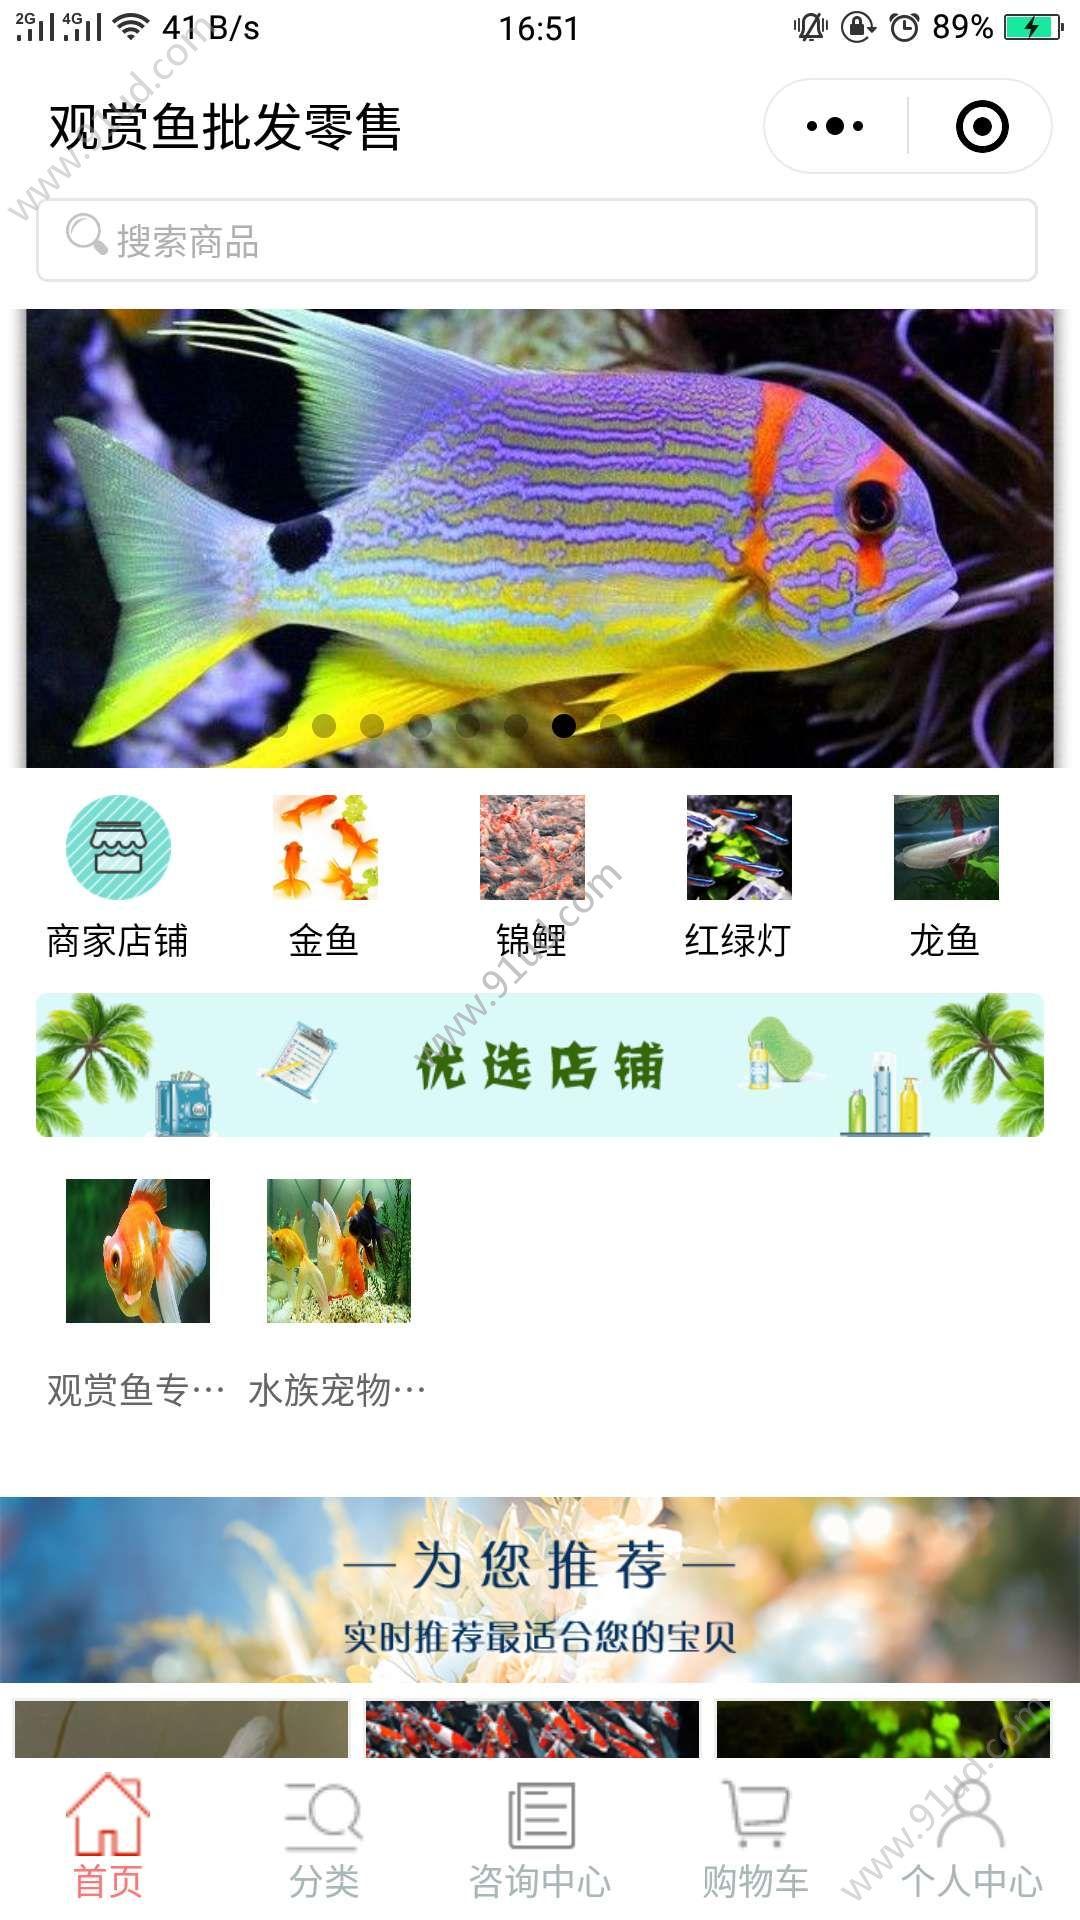 观赏鱼批发零售小程序截图